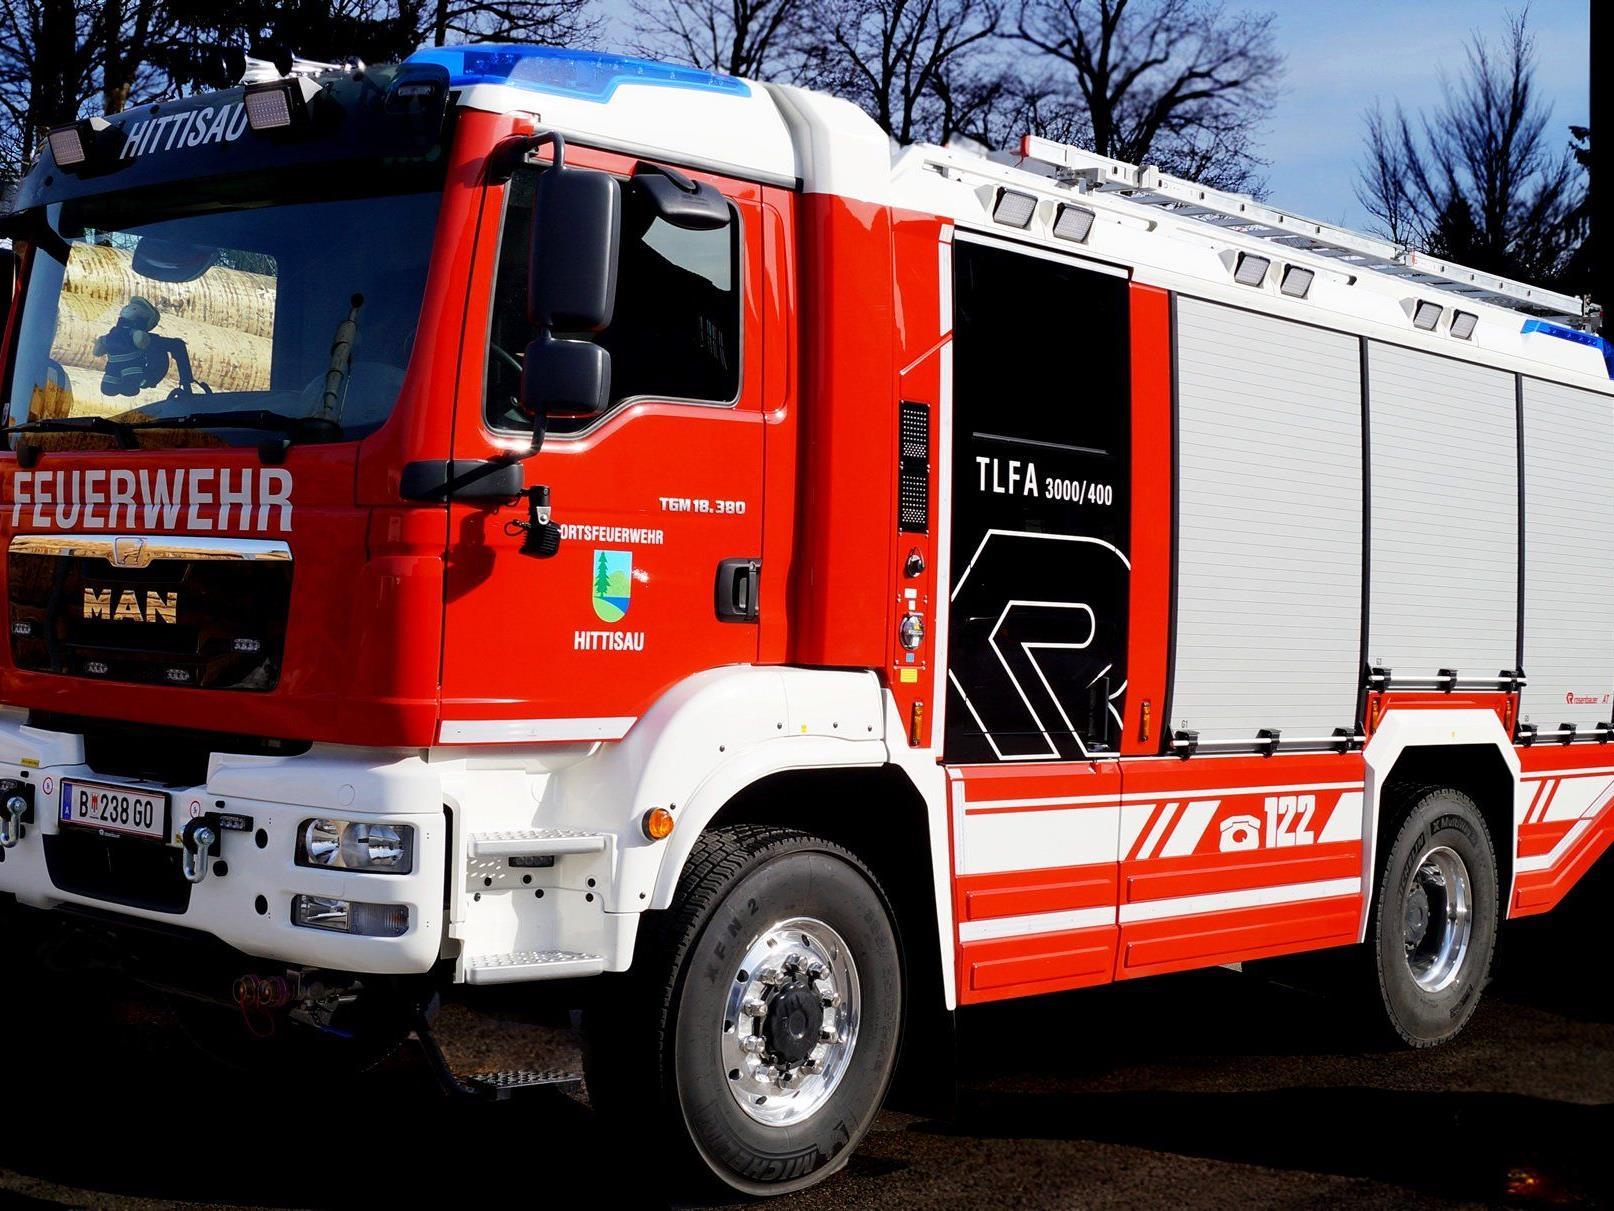 Das moderne Tanklöschfahrzug wird im Rahmen des Feuerwehrfestes präsentiert.